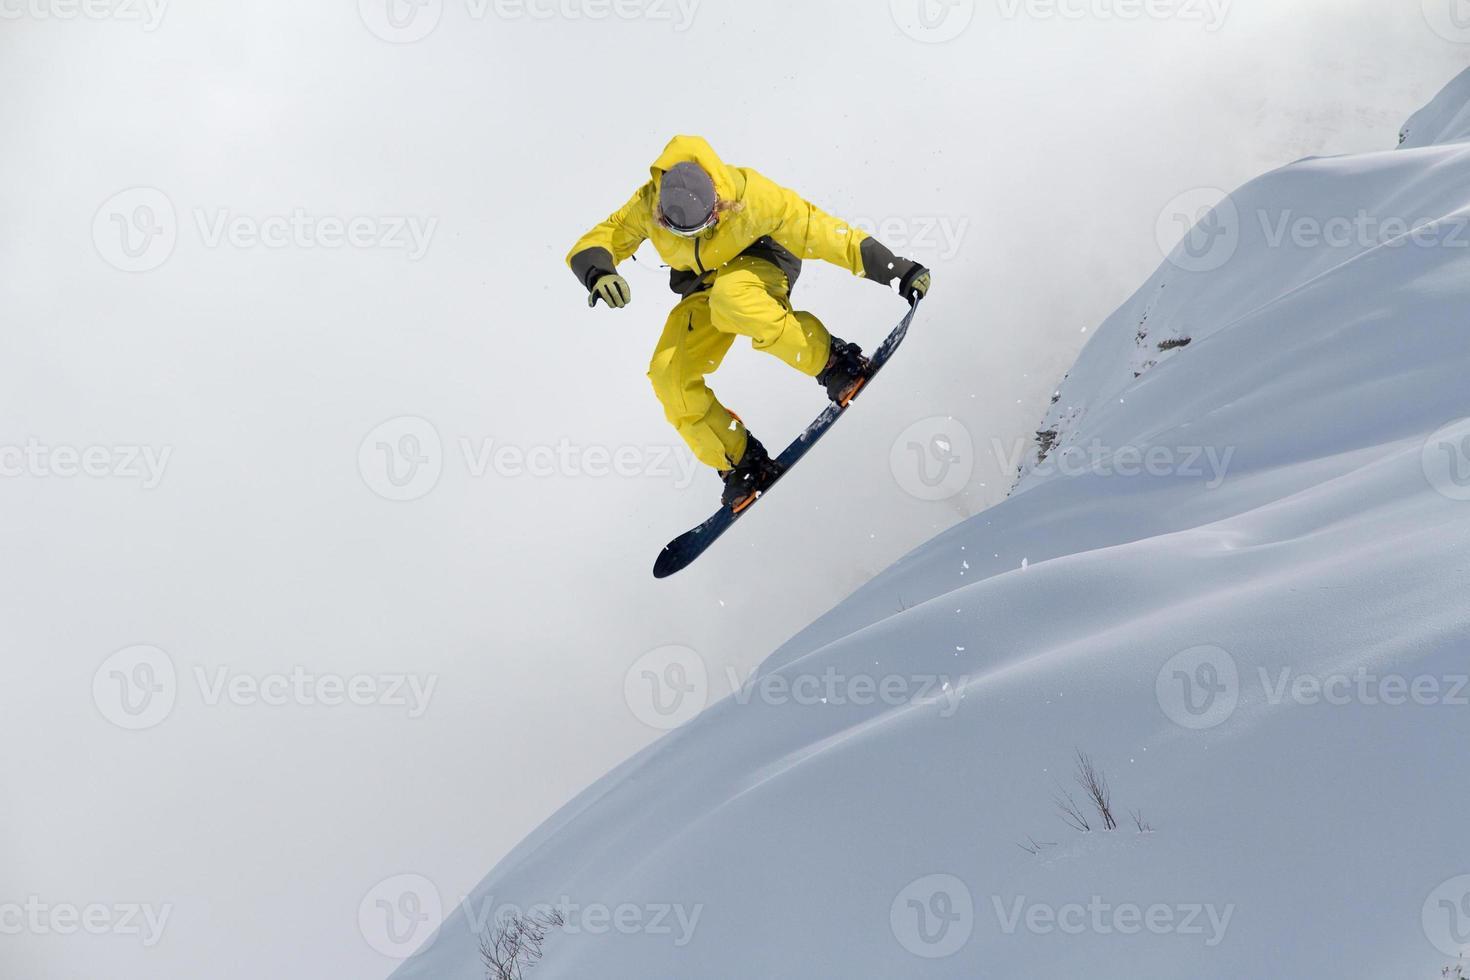 fliegender Snowboarder auf Bergen. Extremsport foto